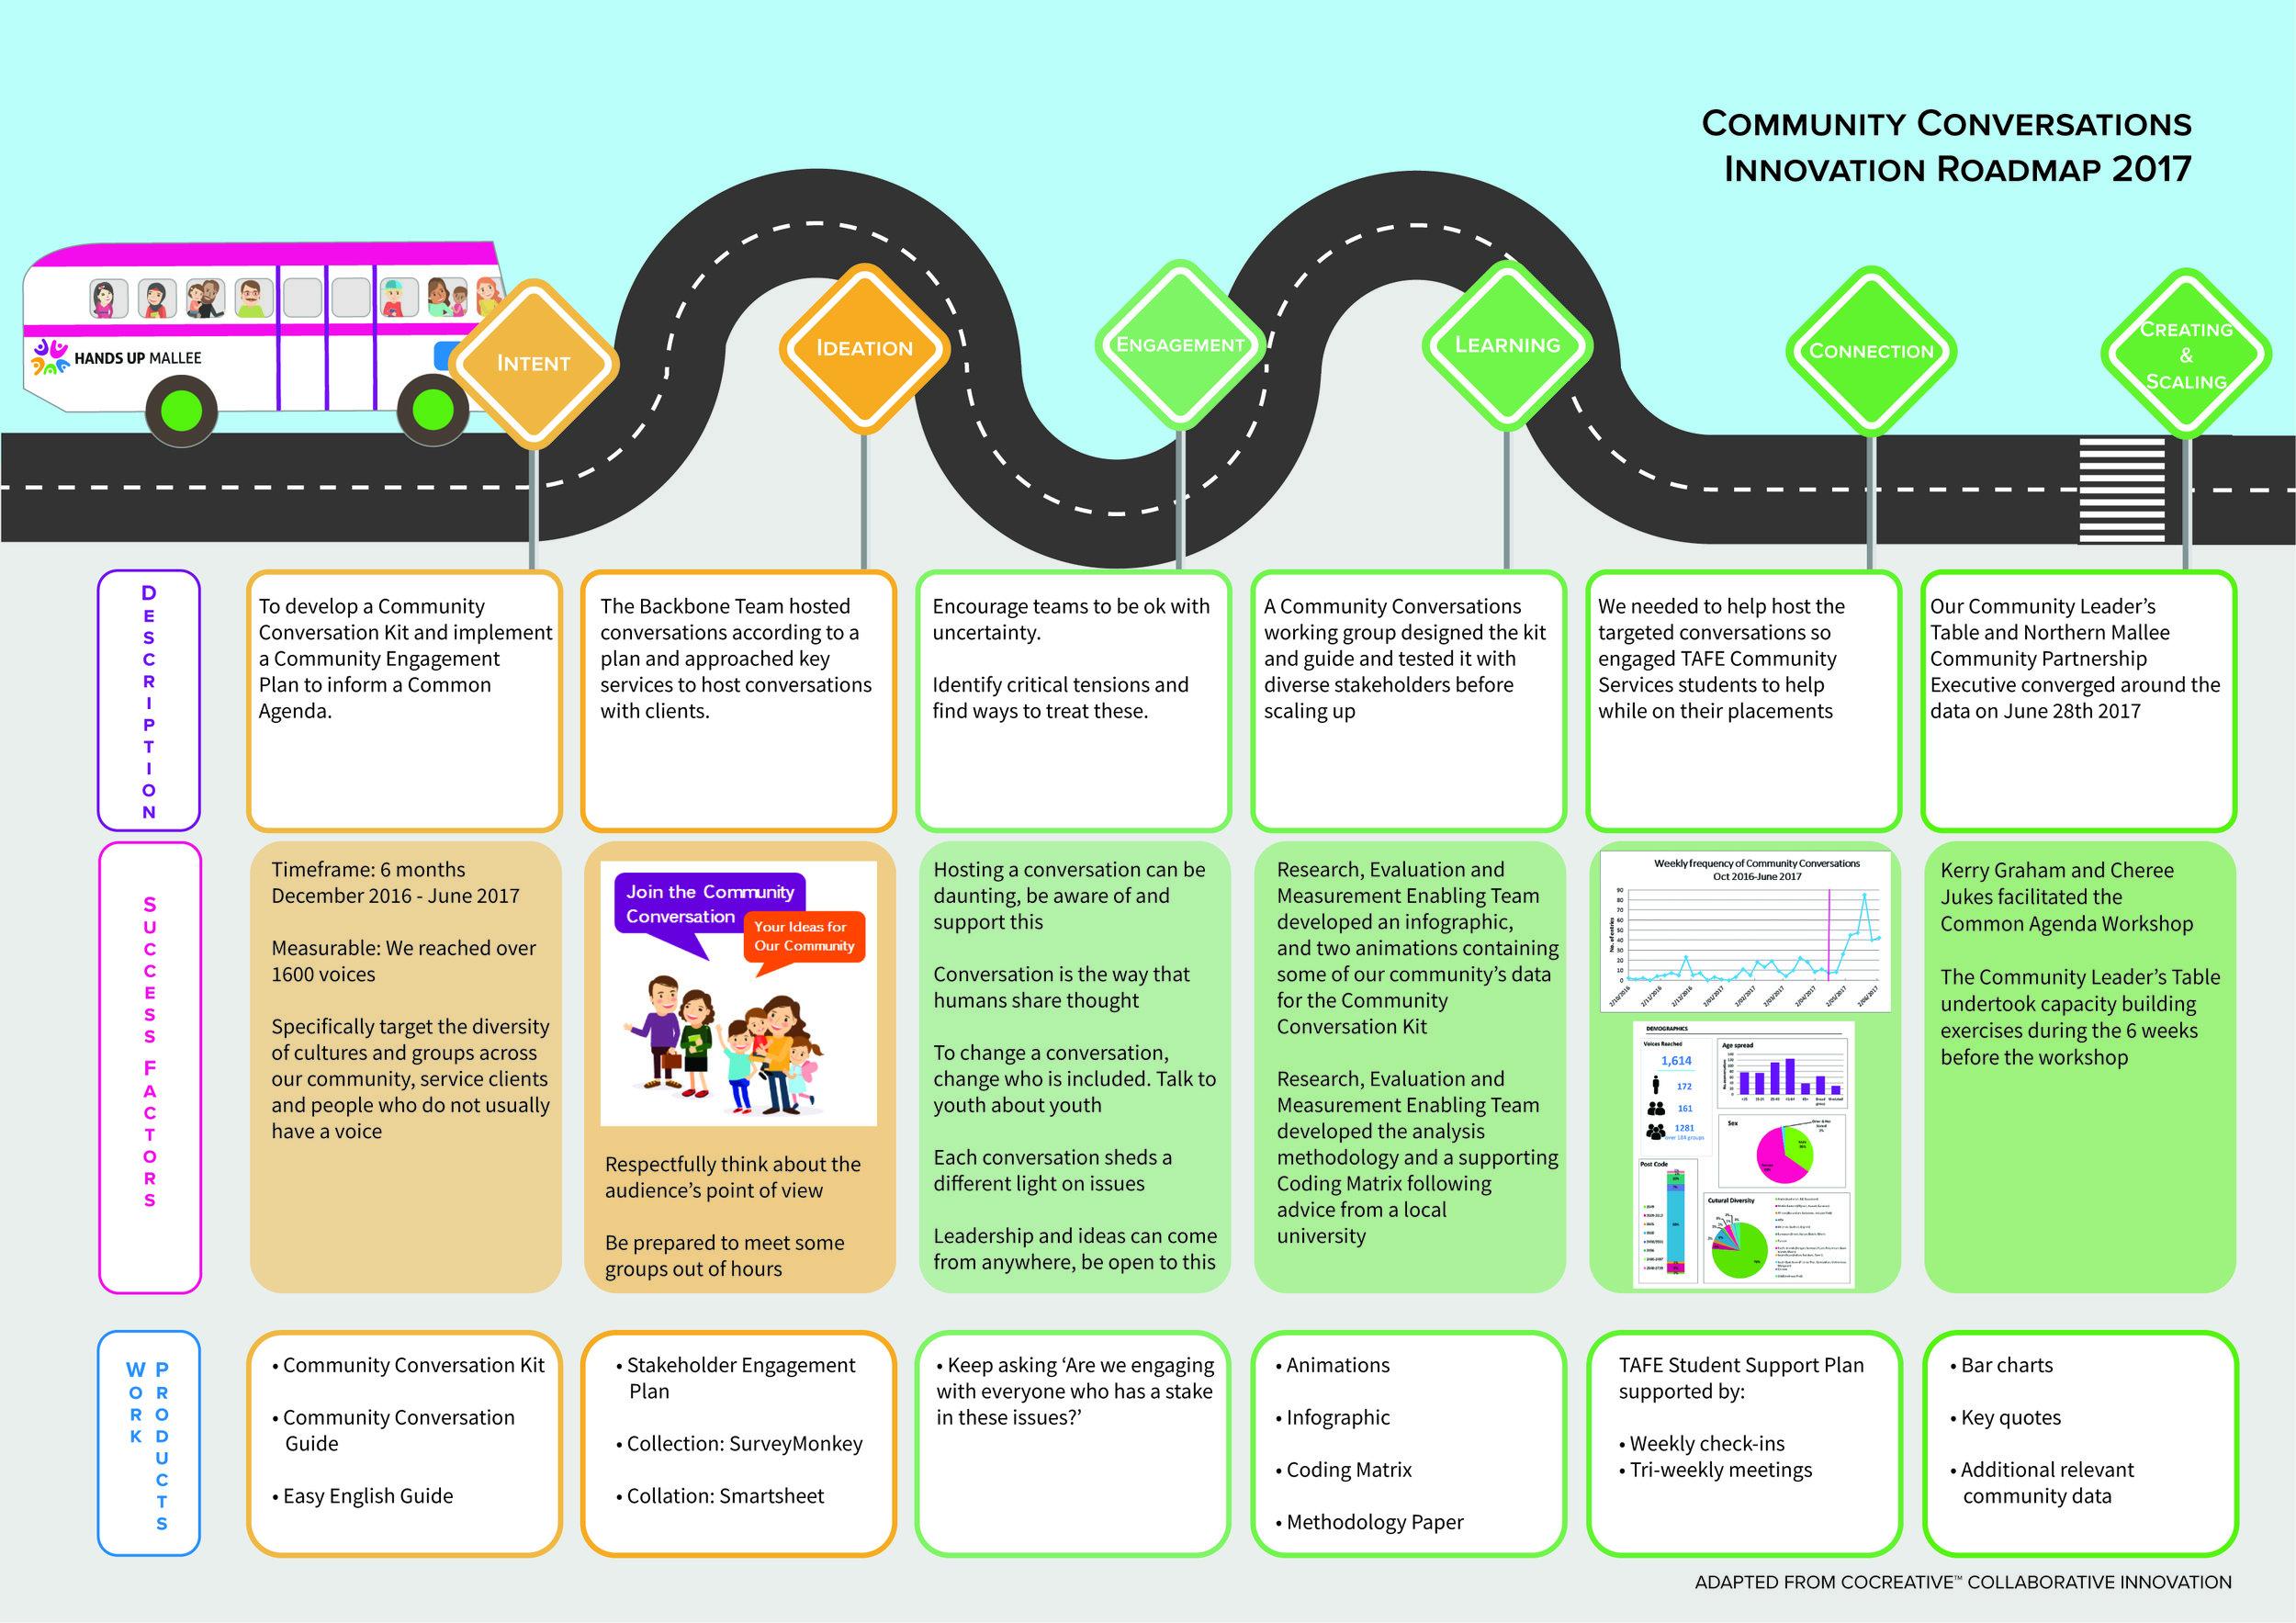 Innovation Roadmap Community Conversations.jpg